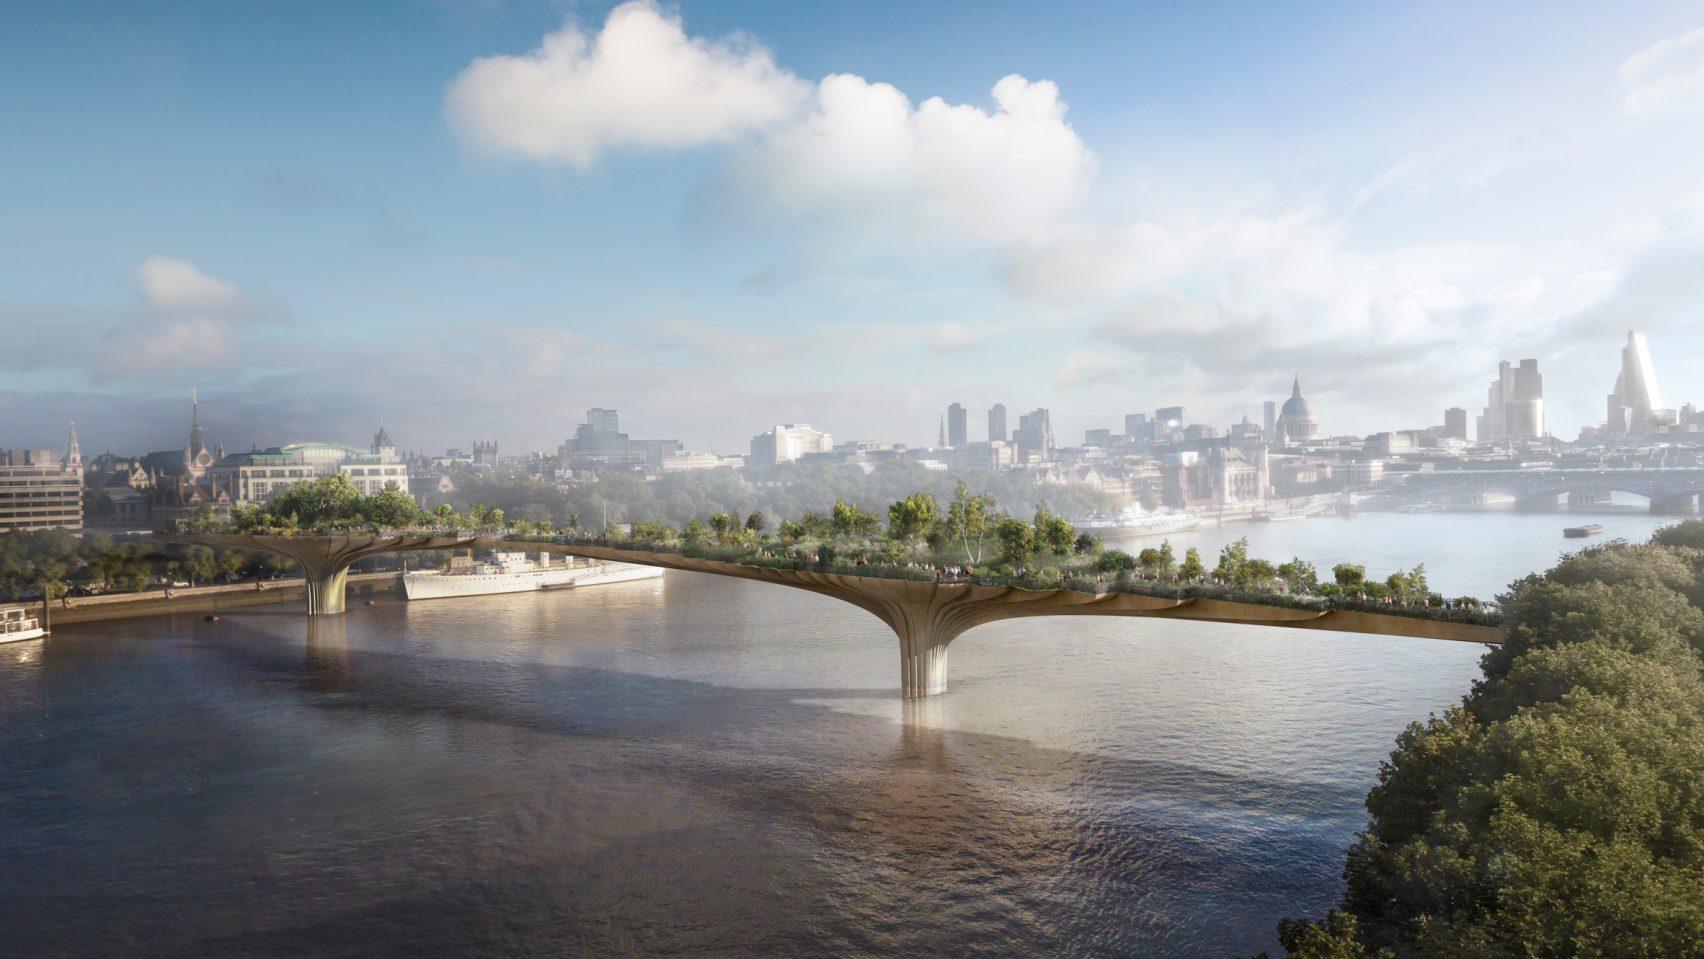 garden-bridge-london-infrastructure-bridges-architecture-uk_dezeen_hero-1704x959.jpg